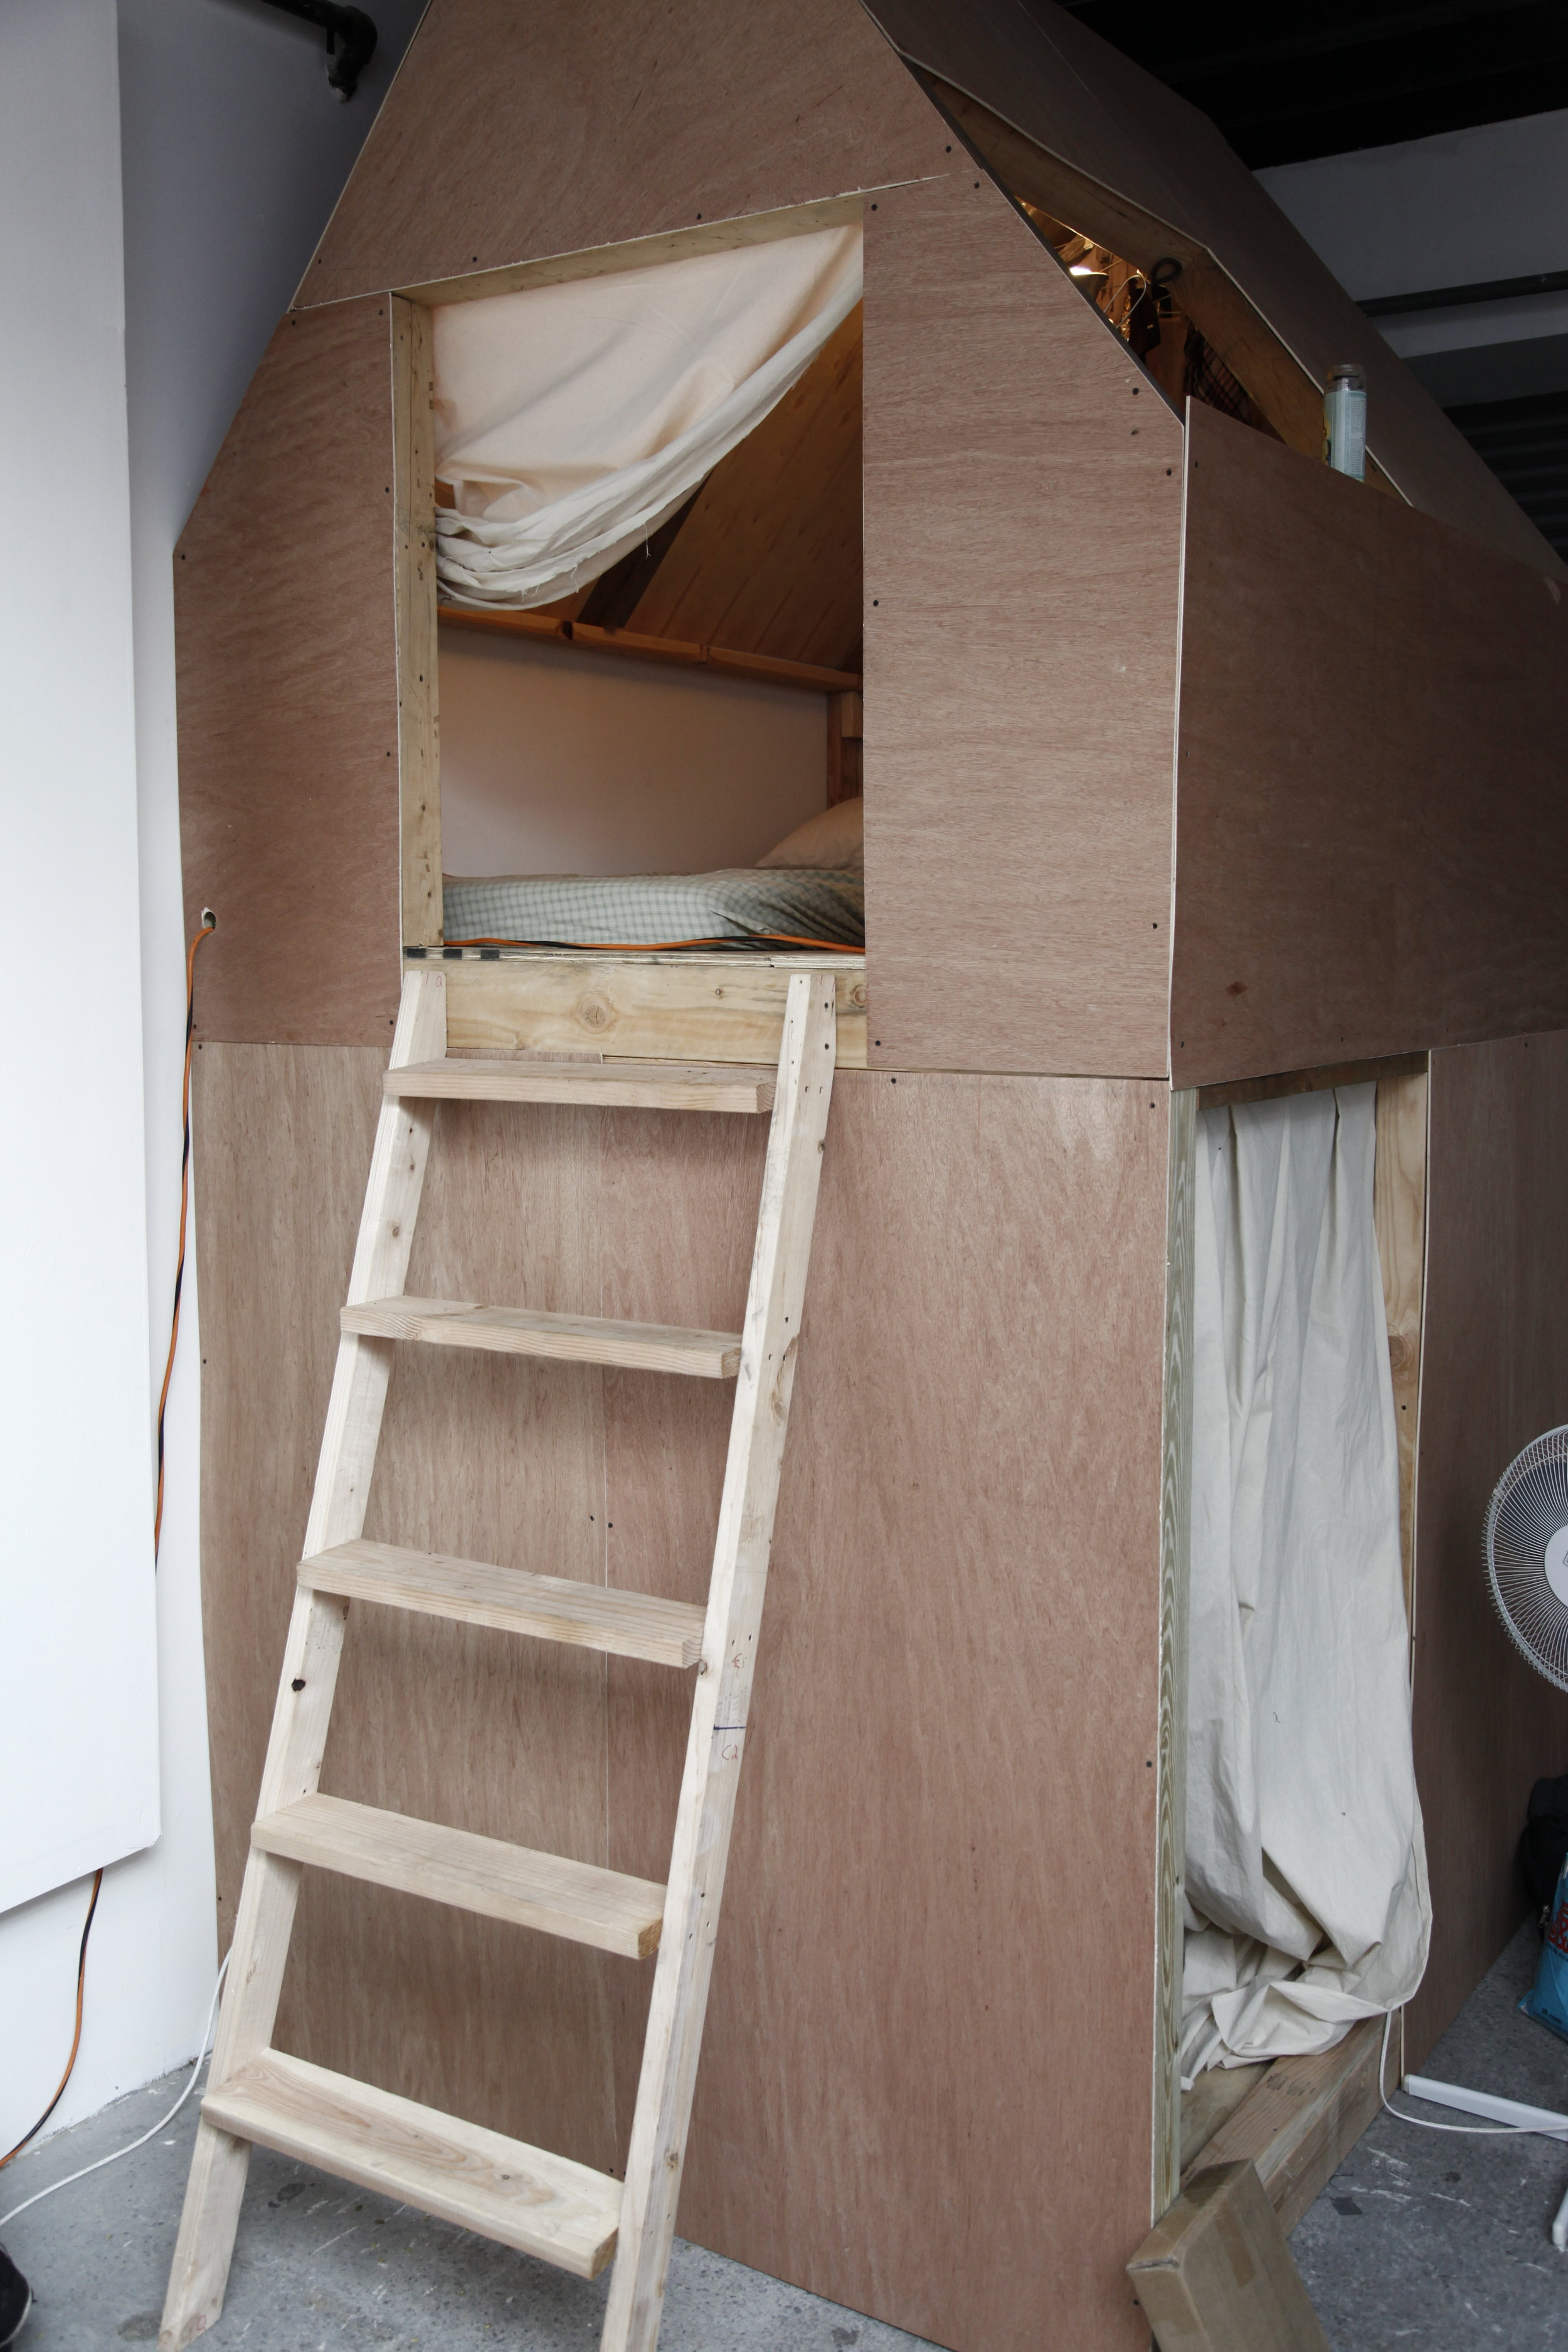 finishedcabins_6537812345_o.jpg